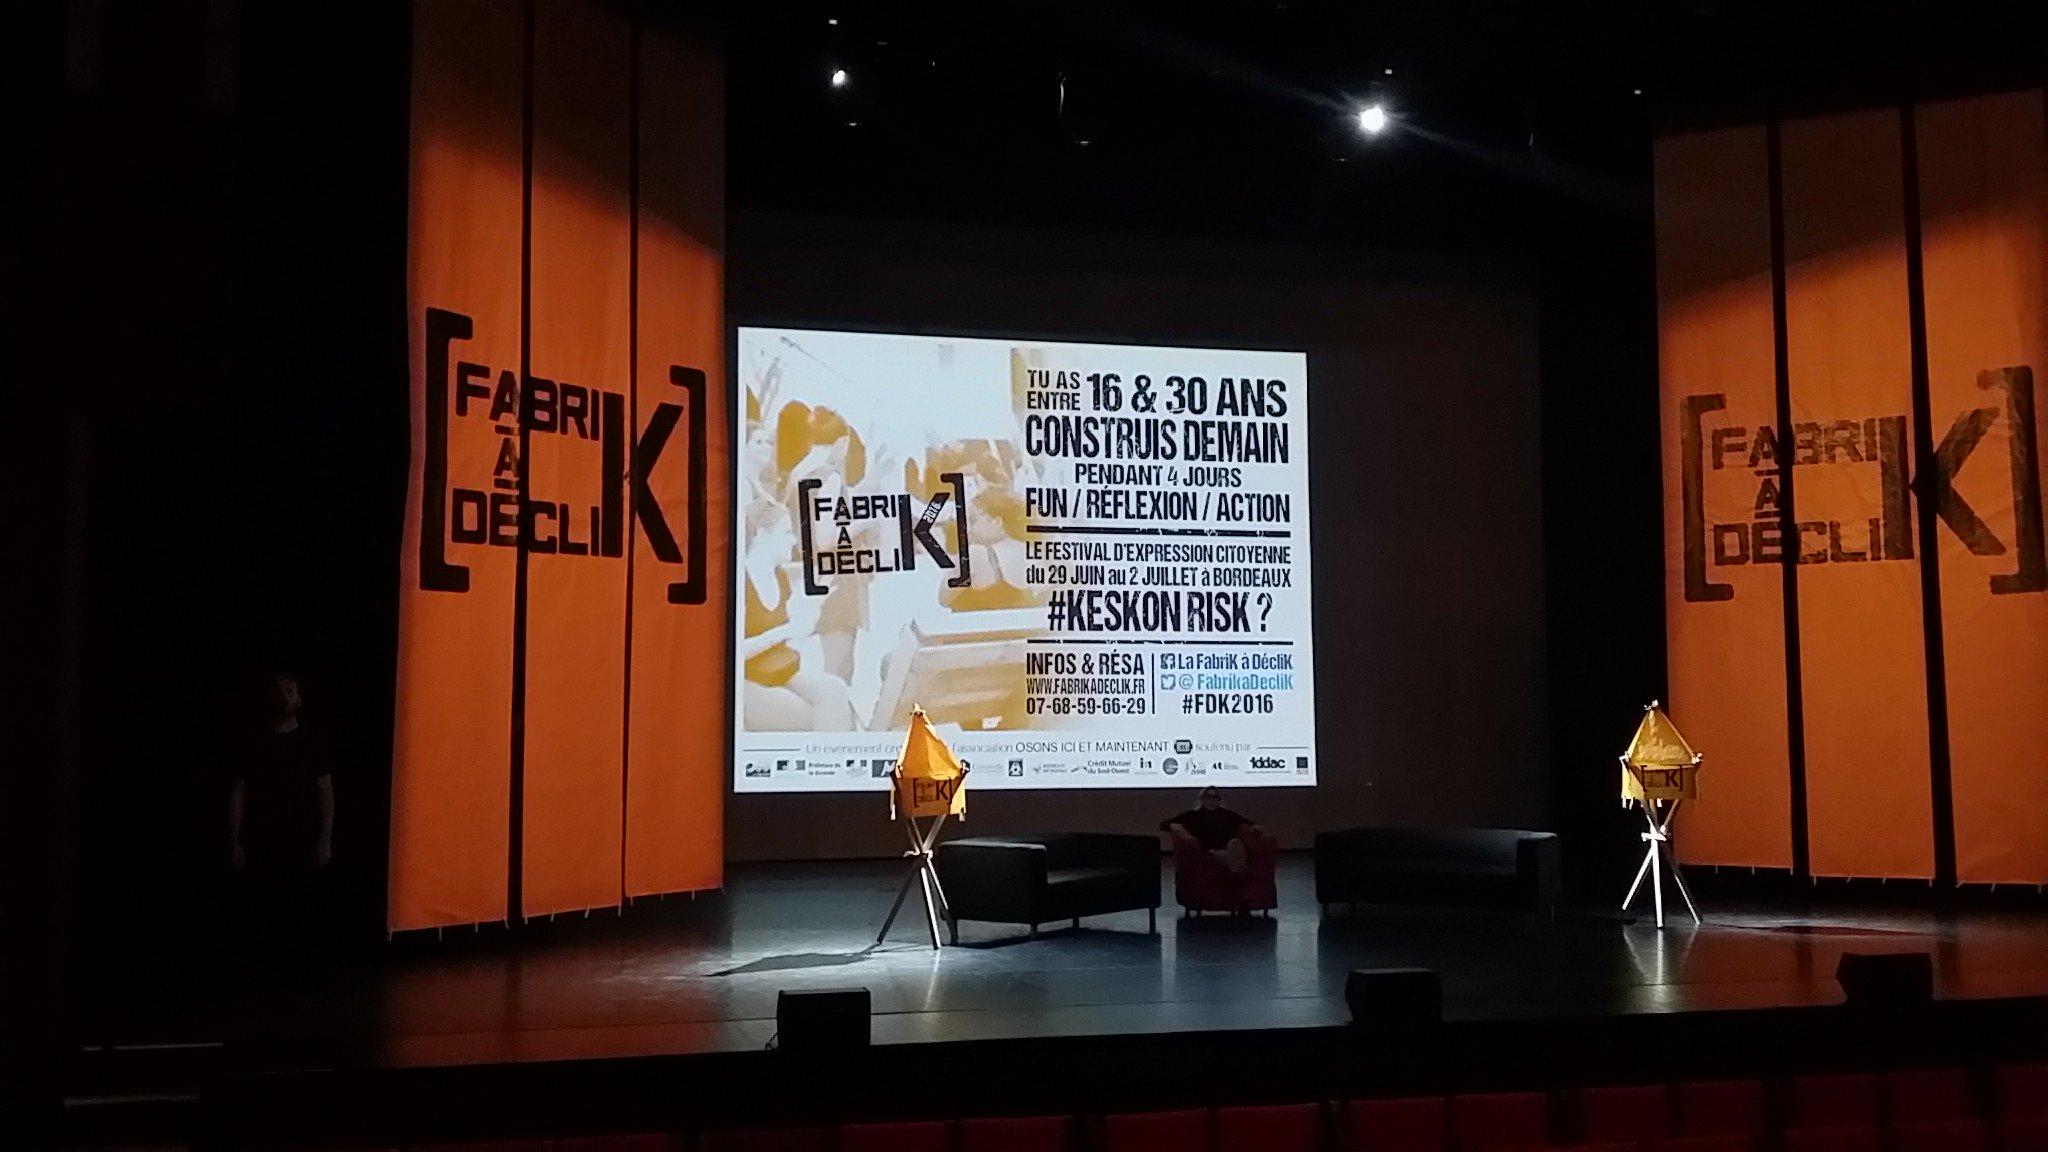 Ca se prépare... Rdv à 18h pour le lancement de la @FabriKaDecliK au @RocherdePalmer #FDK2016 https://t.co/ahb8j22hX6